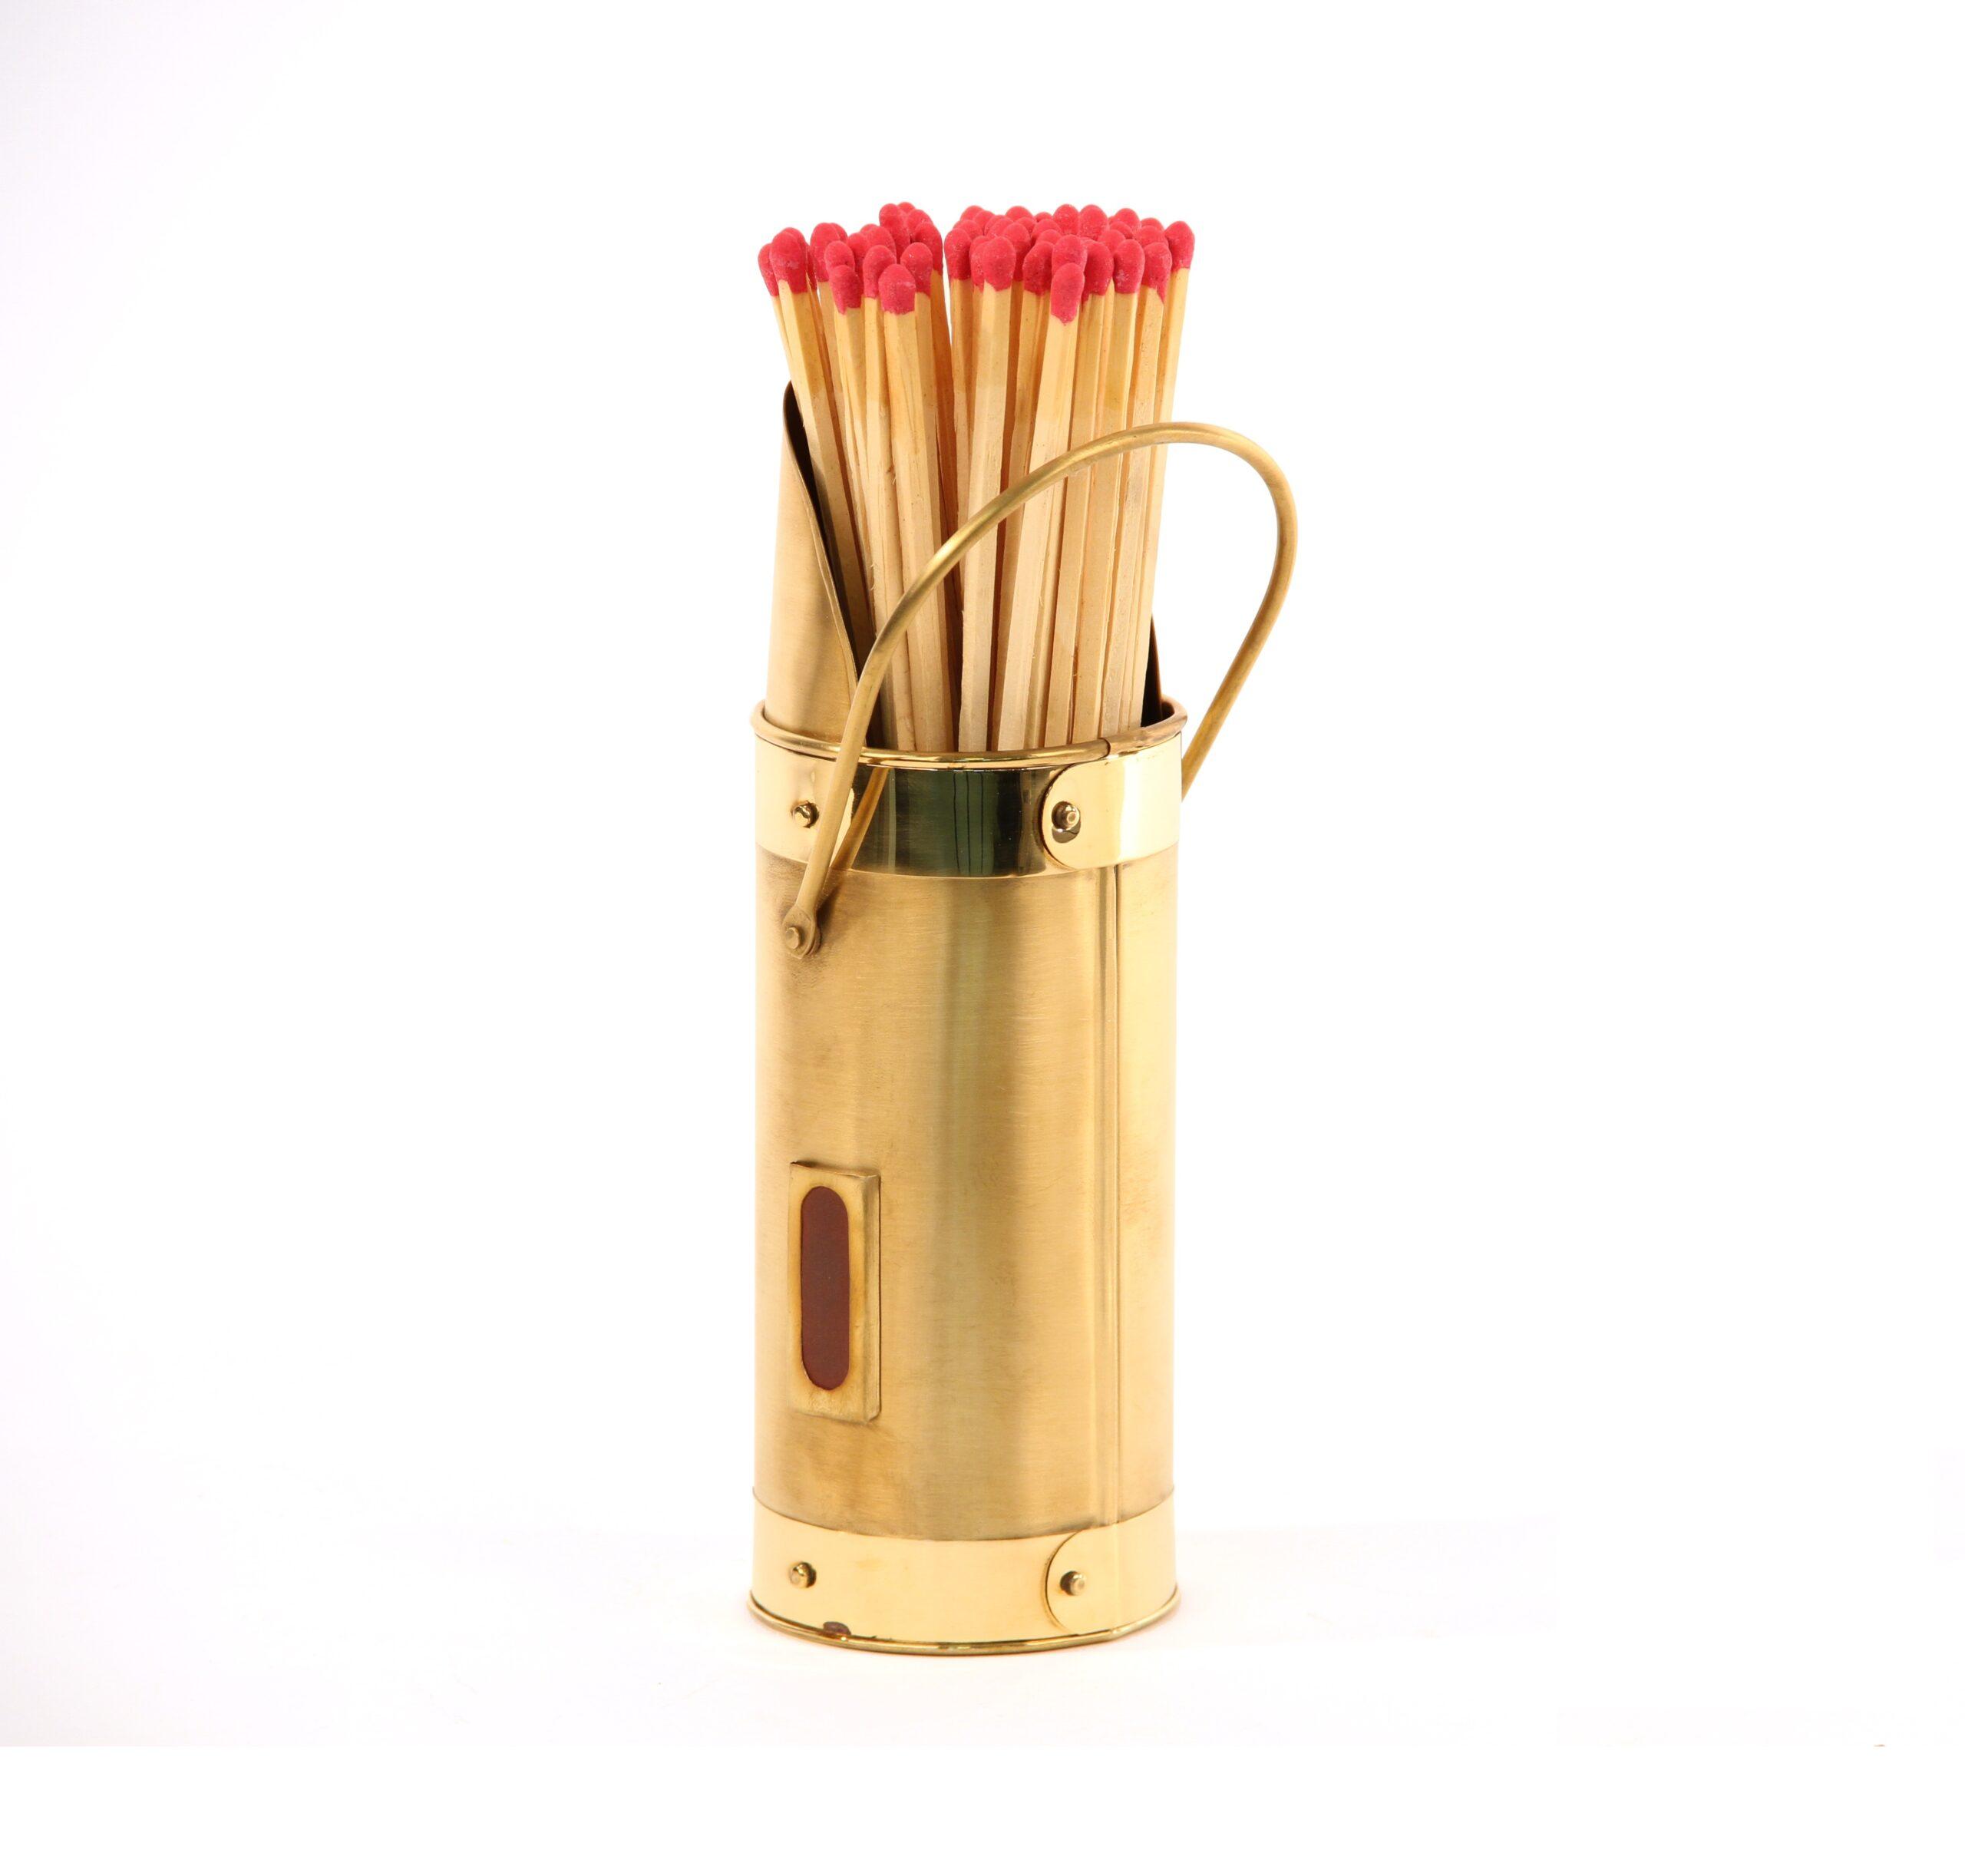 Brass Match Holder & Matches